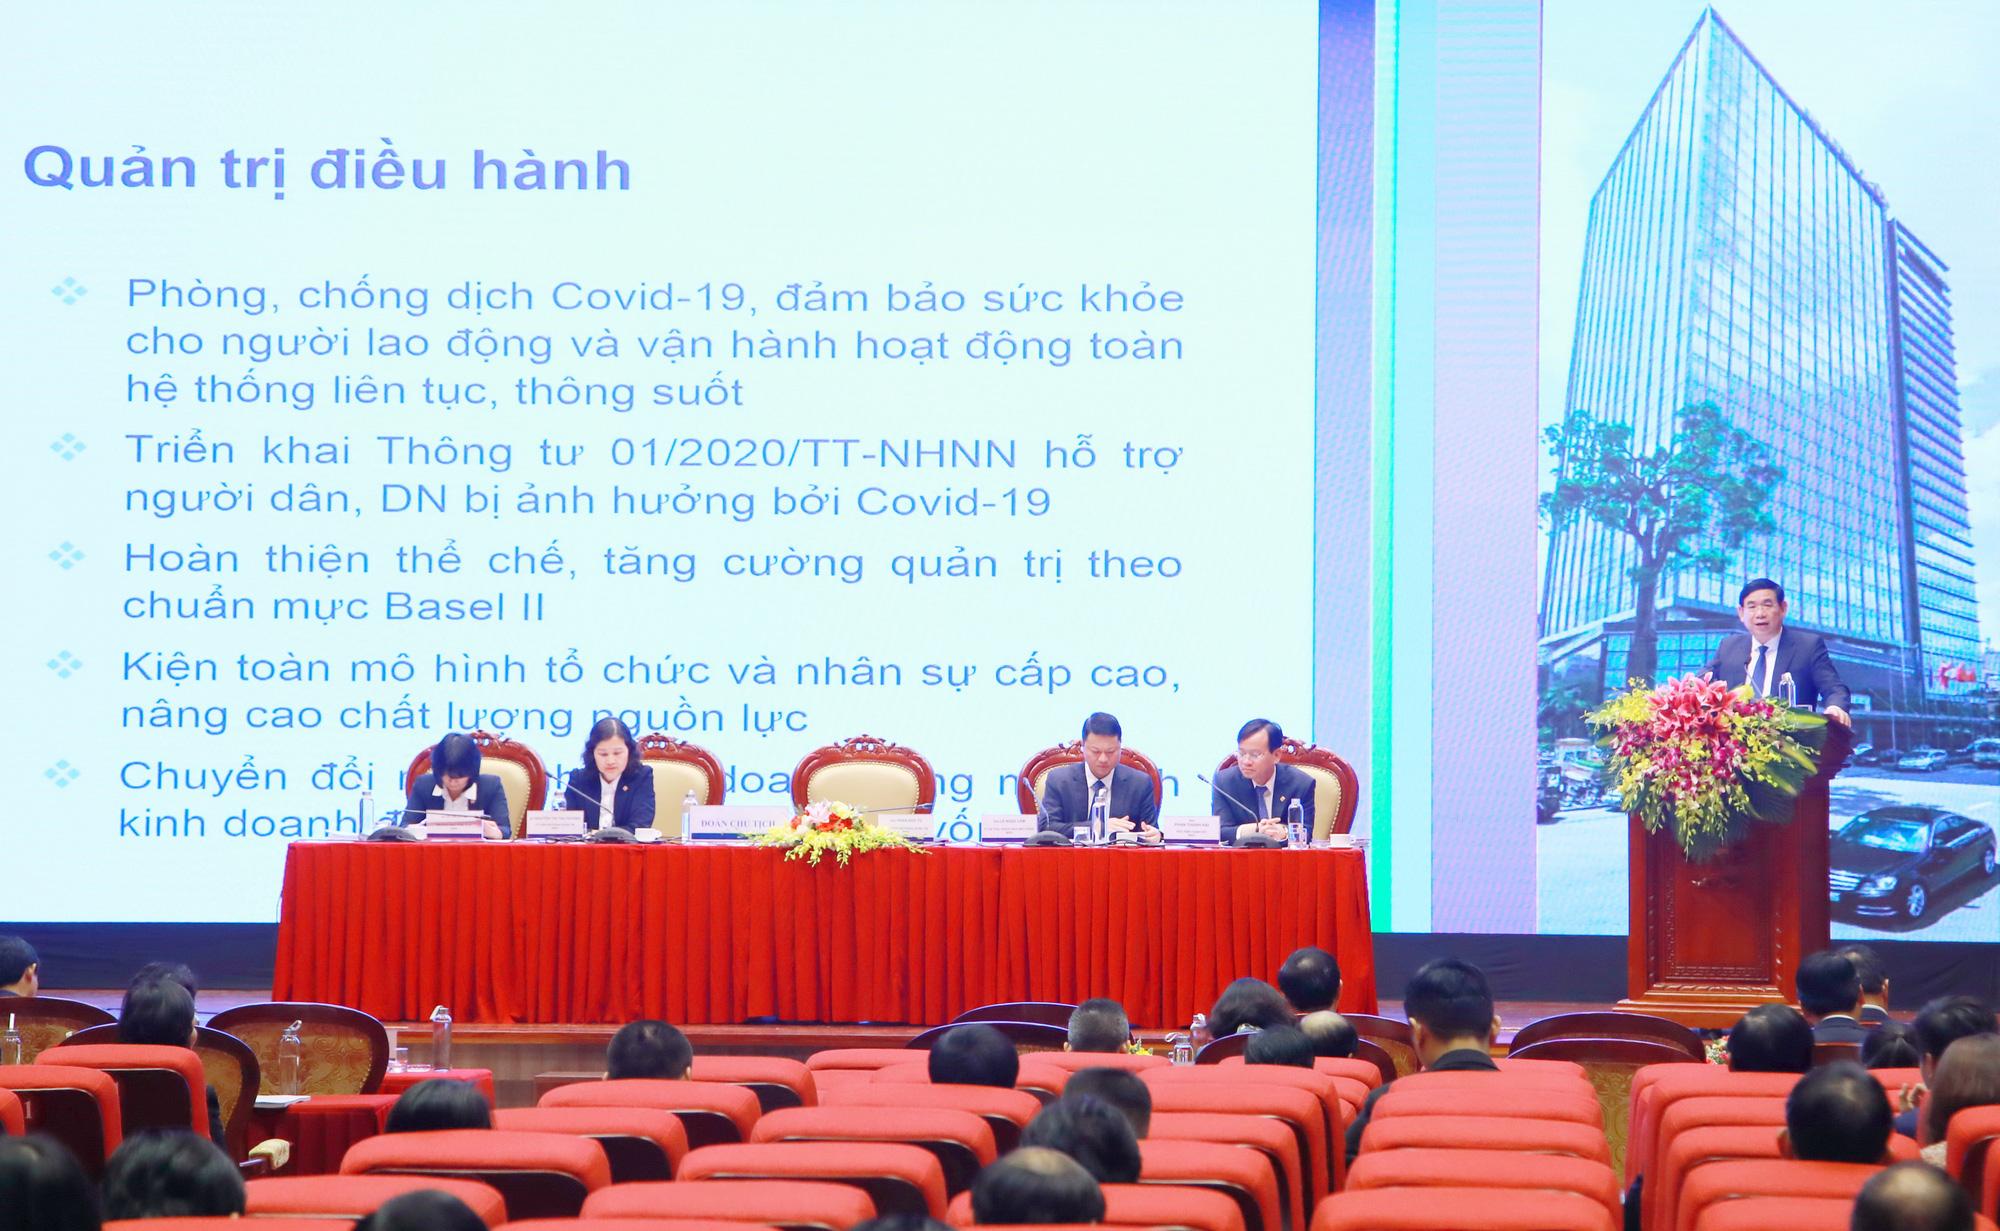 BIDV tổ chức Đại hội đồng cổ đông thường niên năm 2021 - Ảnh 2.